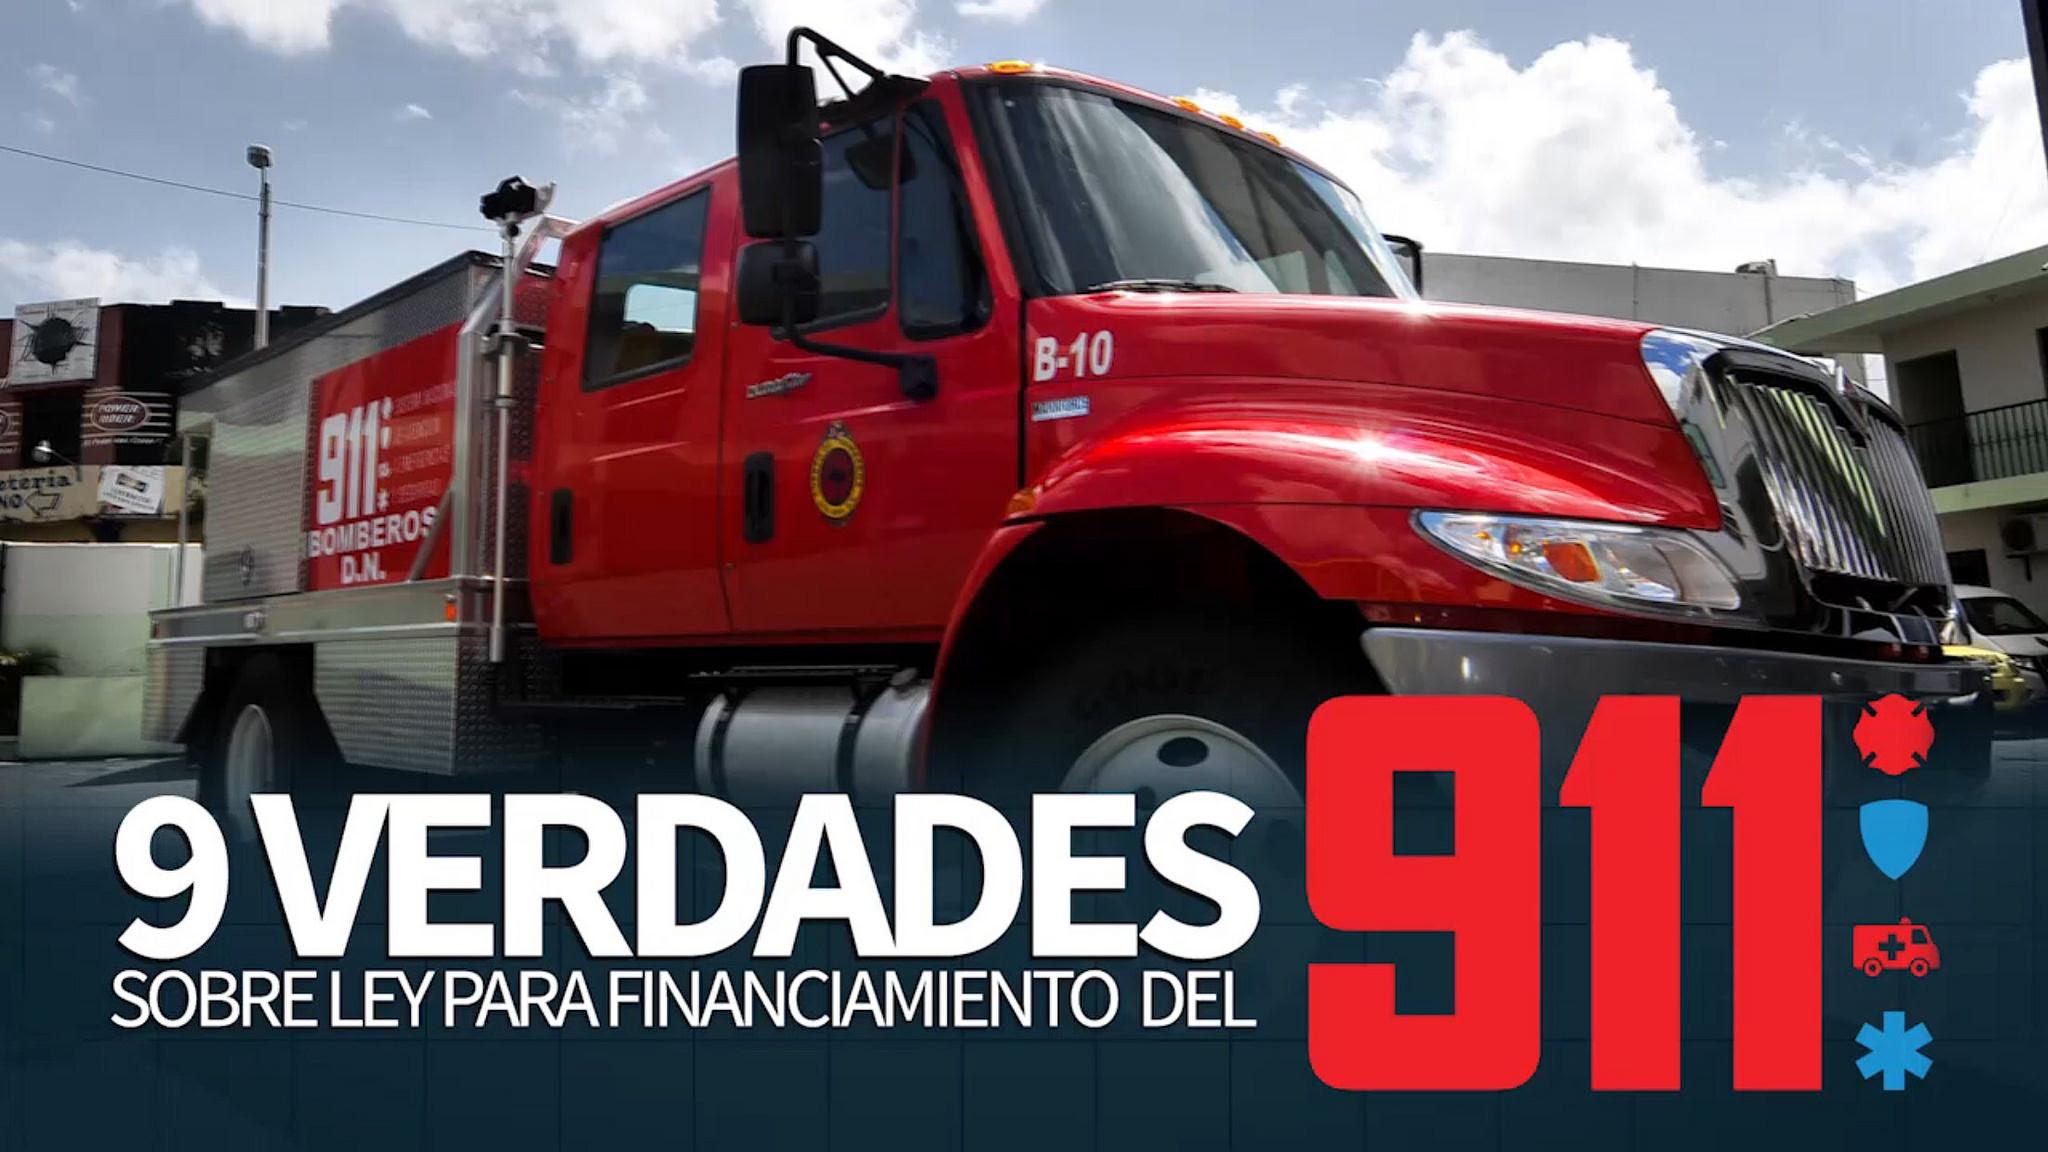 , Nueve verdades sobre ley financiamiento 911